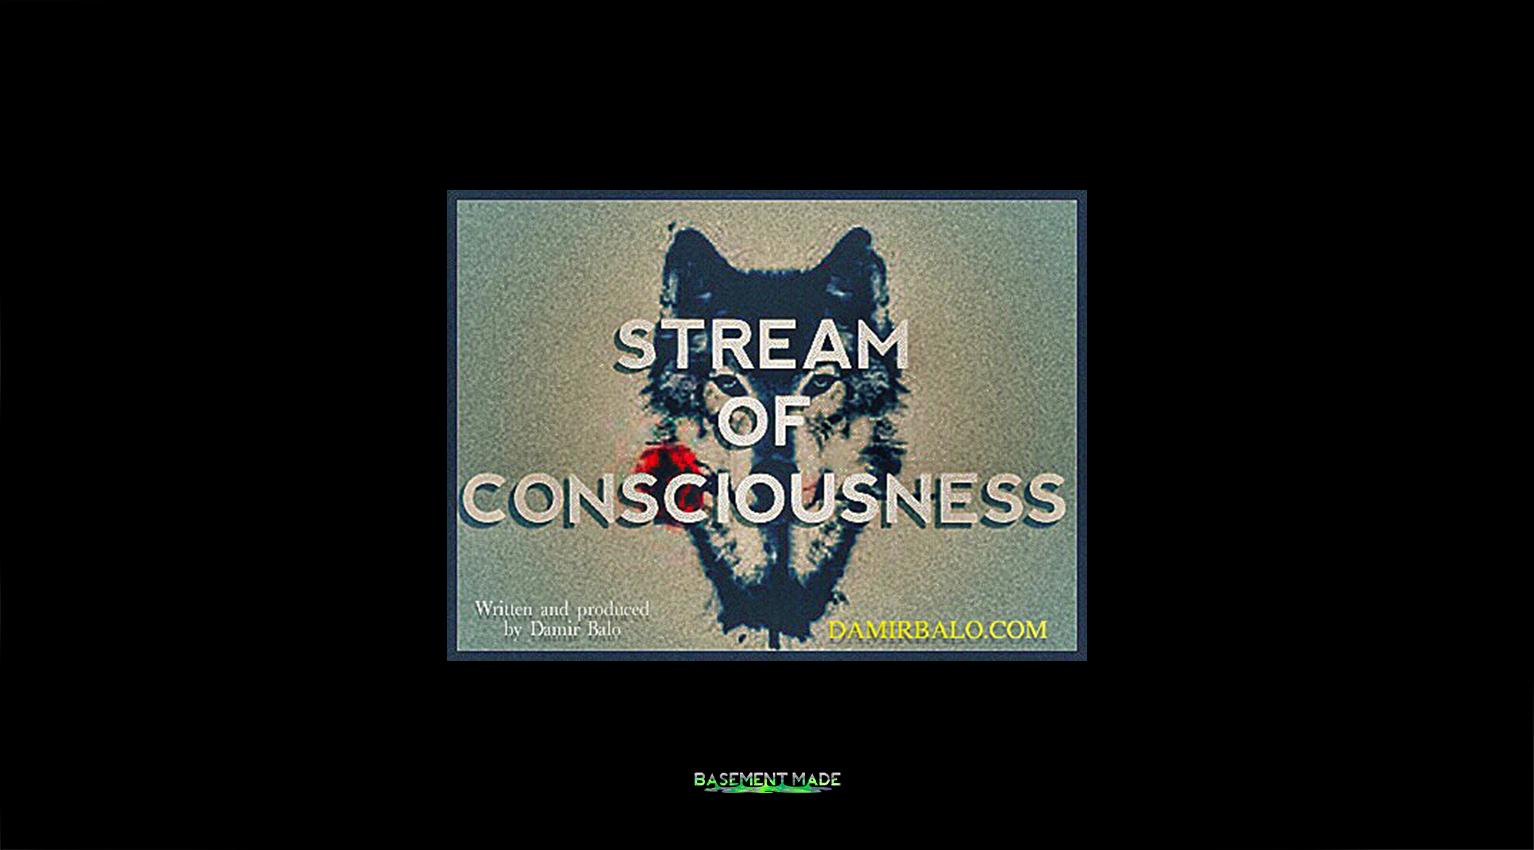 Damir-Balo-Stream-of-Consciousness-cover-art-premiere